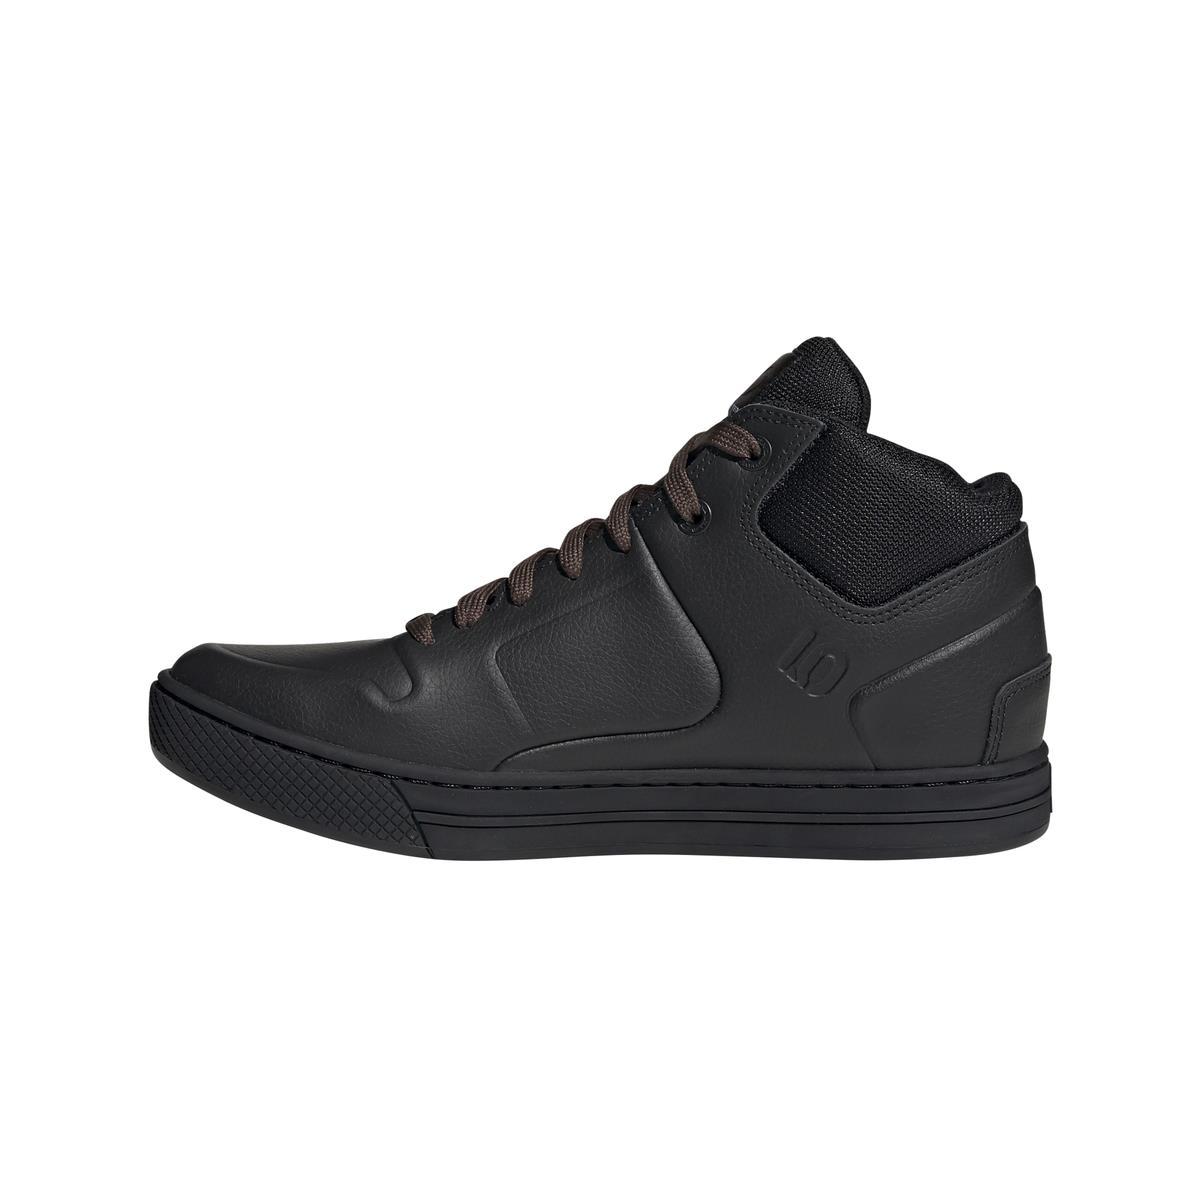 Detalles de Five Ten MTB zapatos freerider EPS mid Core BlackBrownftwr White ver título original